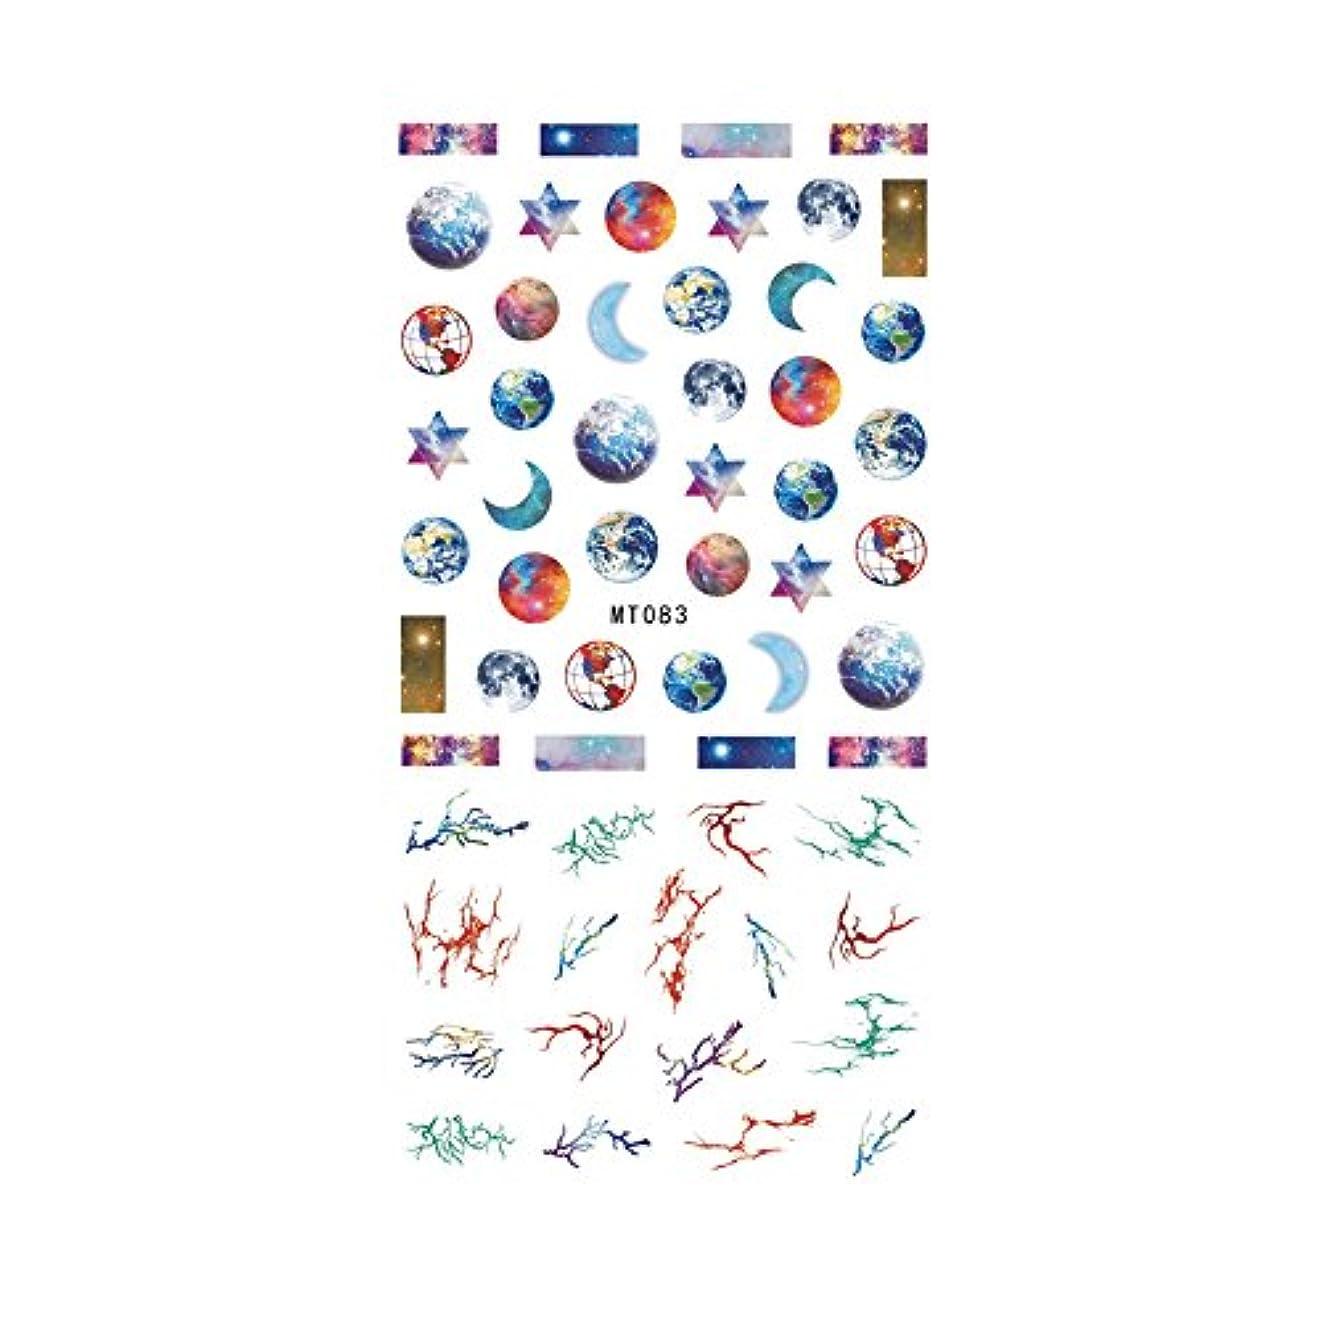 切り離す病院広告する【MT083】ギャラクシーネイルシール ネイルアート 地球 宇宙 コズミック アース 大理石